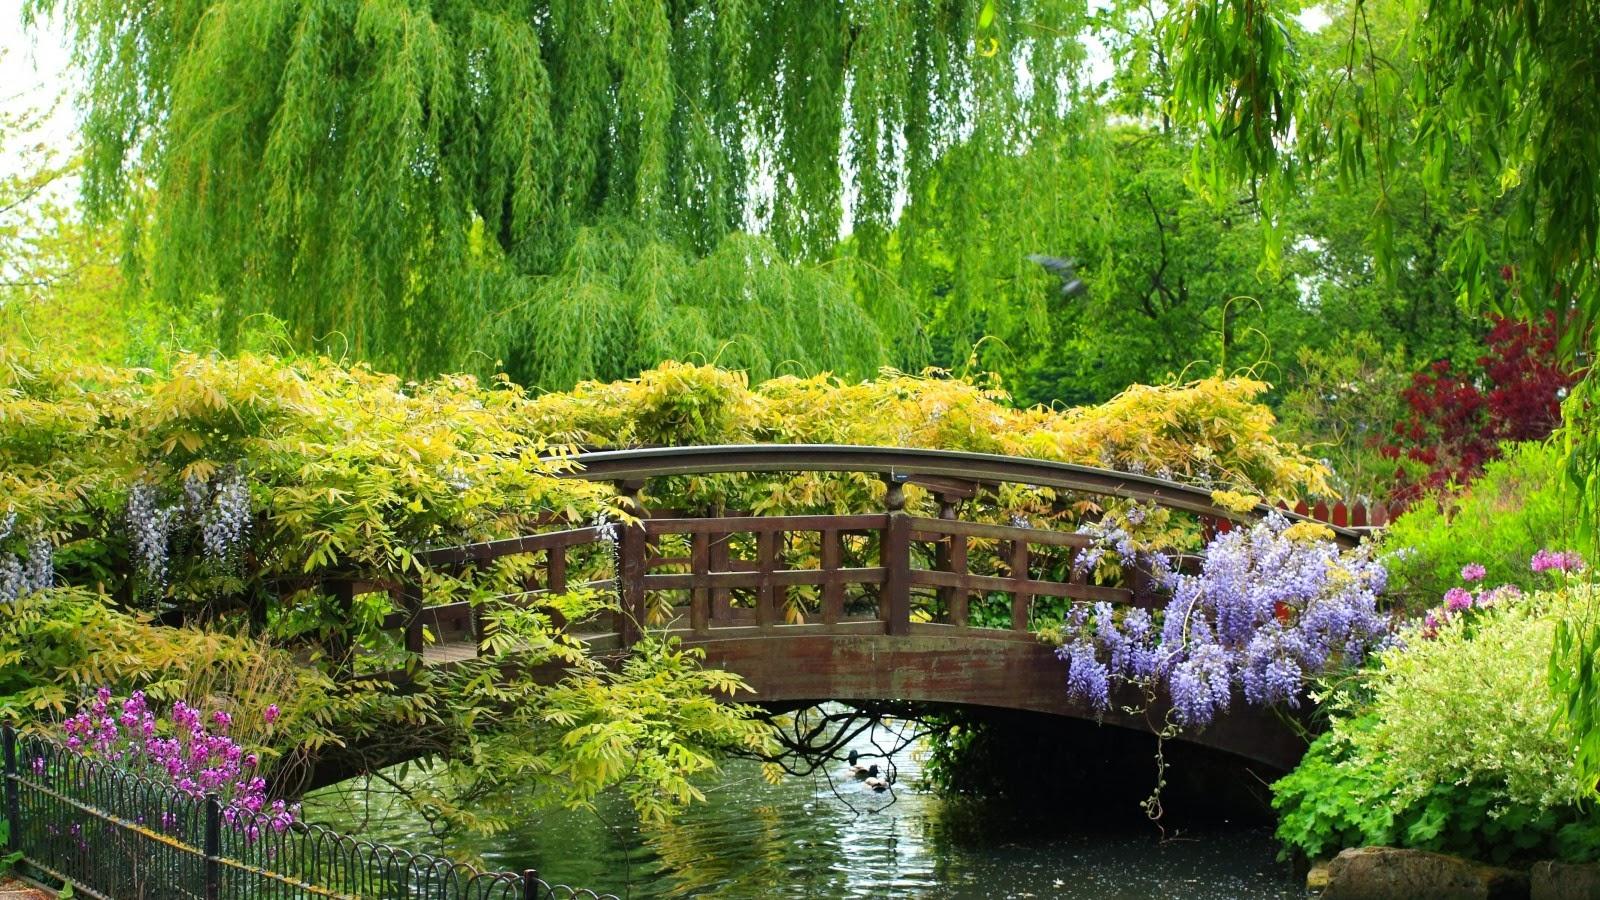 بالصور صور فصل الربيع , اروع صور لفصل الربيع وجماله 2841 5